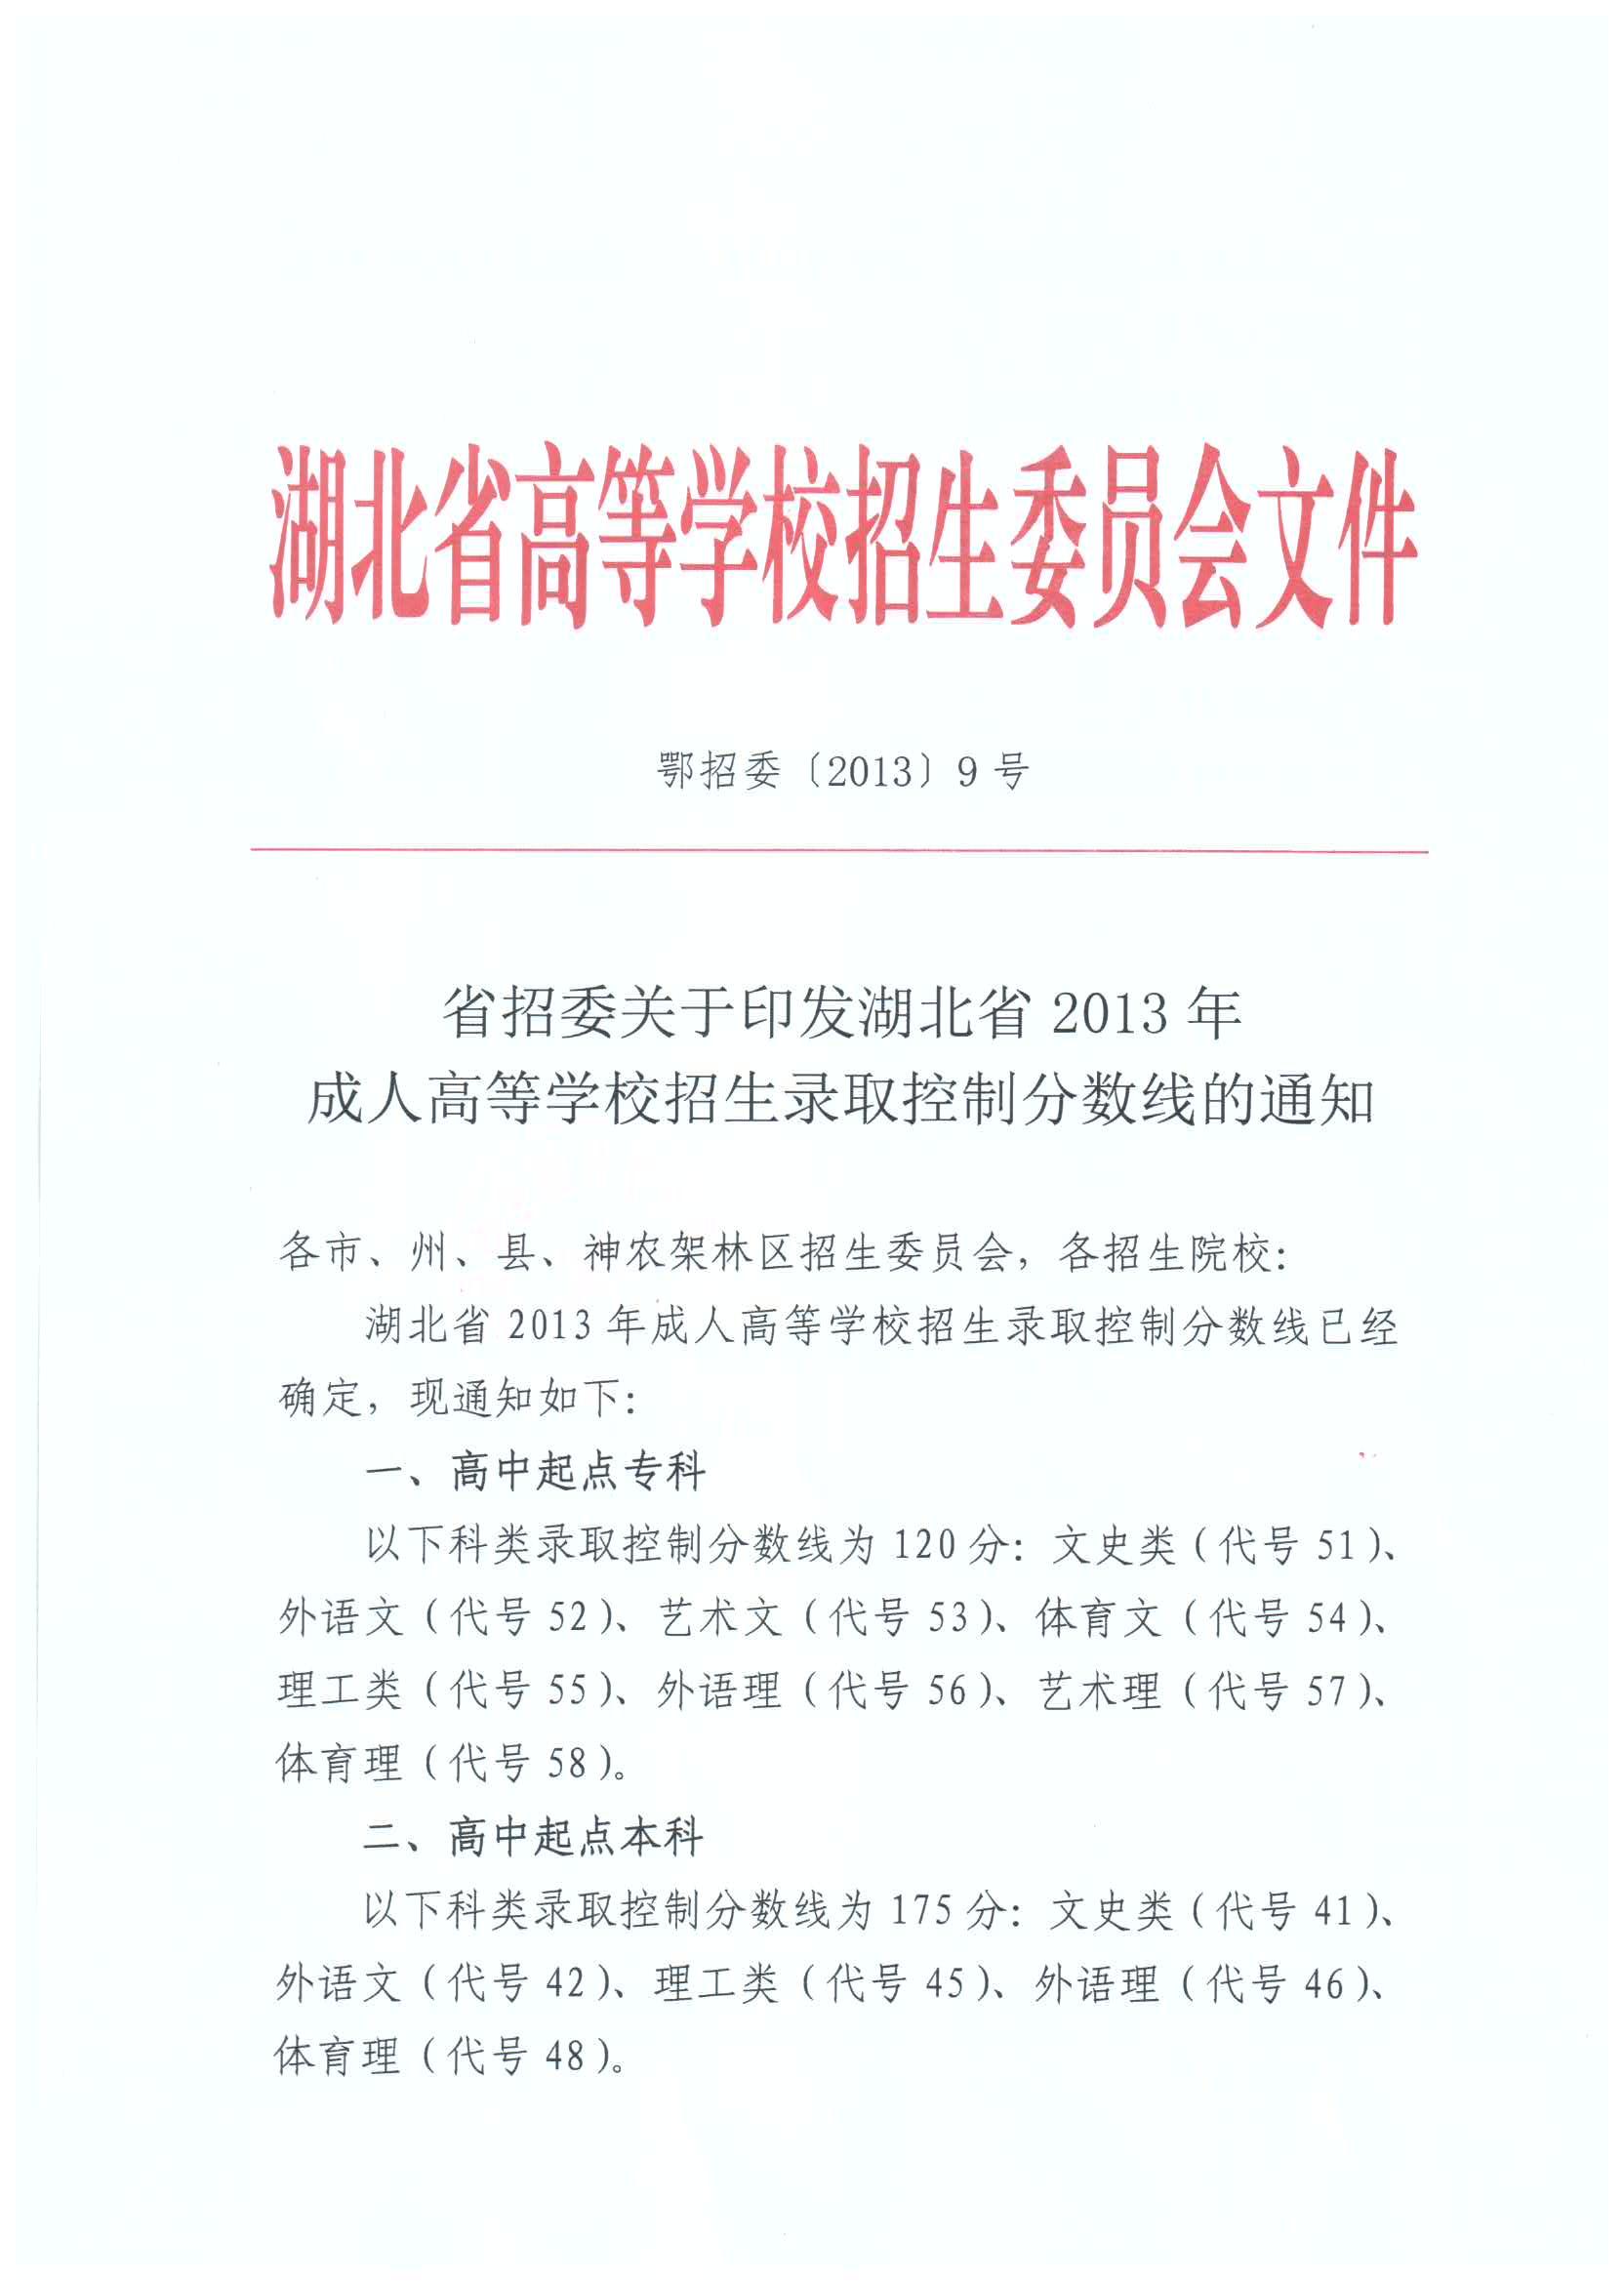 省招委关于印发湖北省2013年成人高等学校招生录取控制分数线的通知